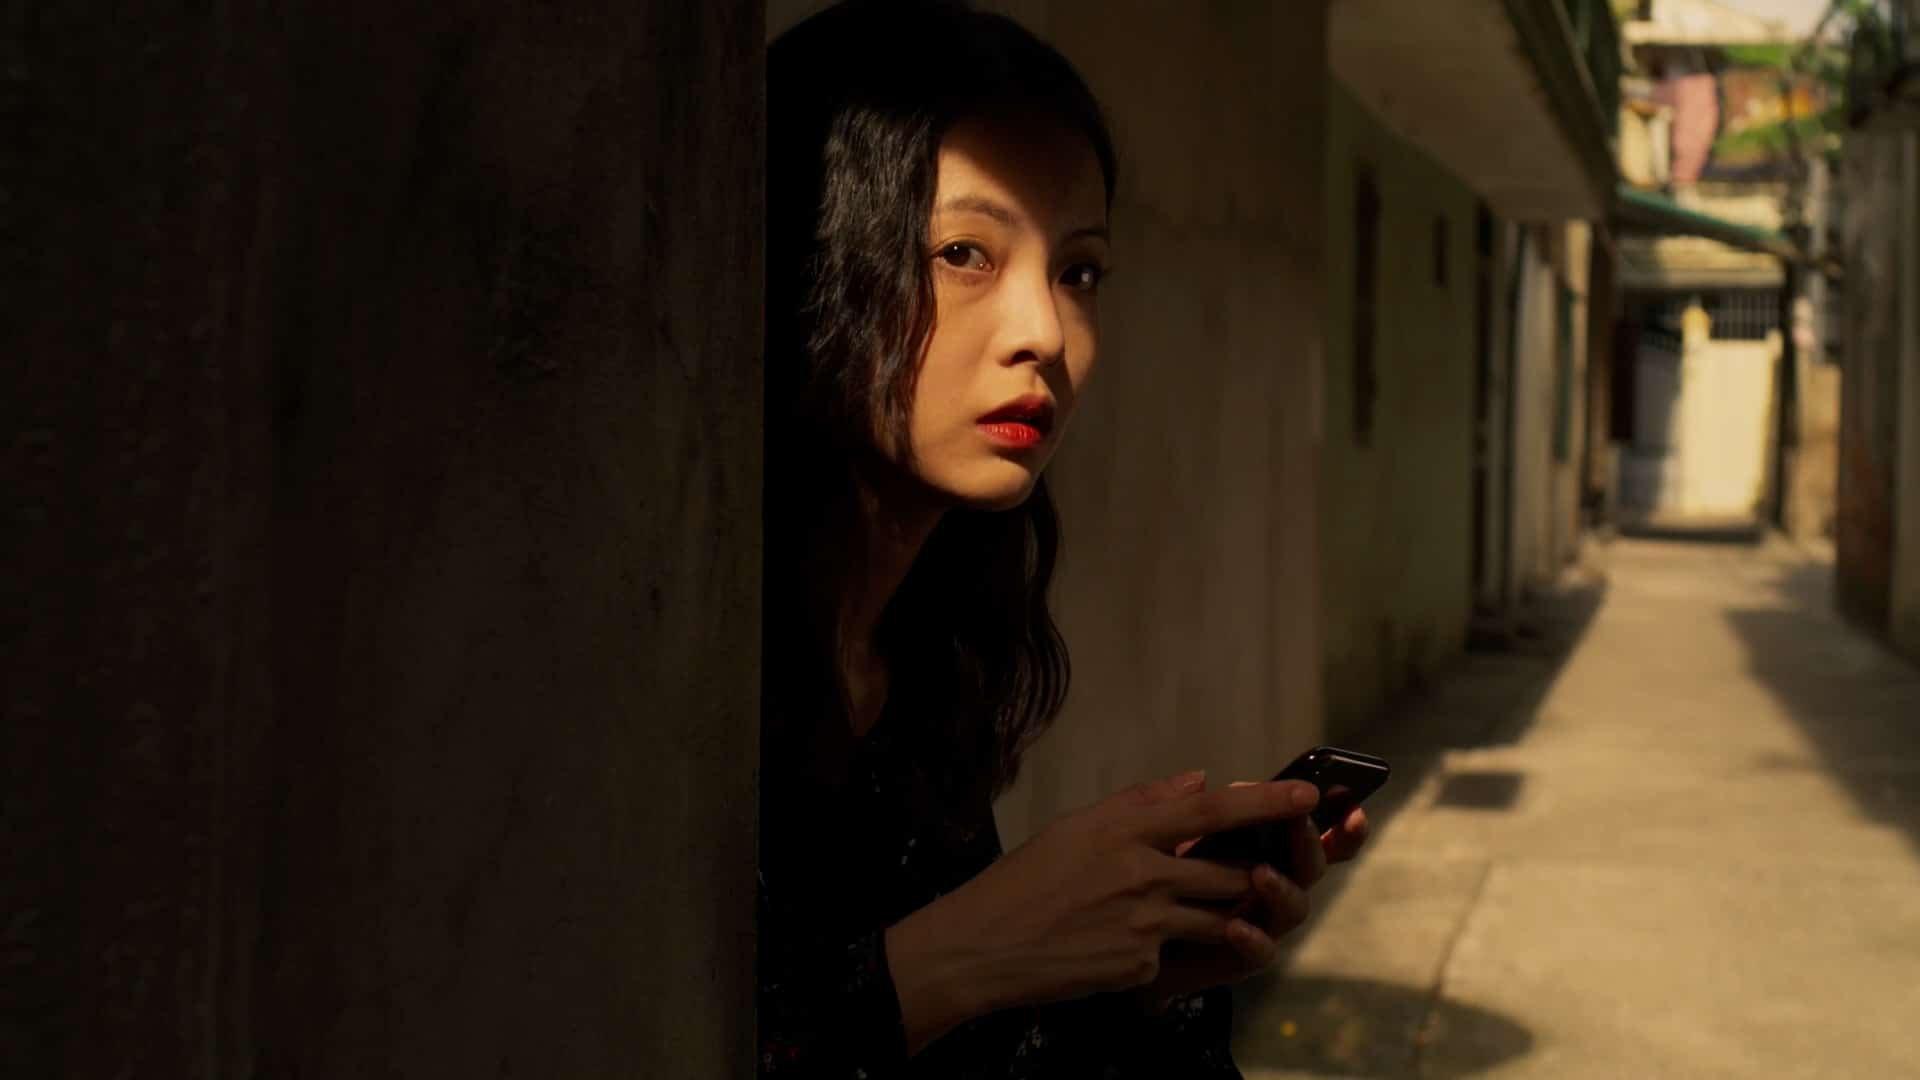 Liên Bỉnh Phát – Yu Dương lần đầu nên duyên trong phim điện ảnh kinh dị chiếu mạng - hình ảnh 4